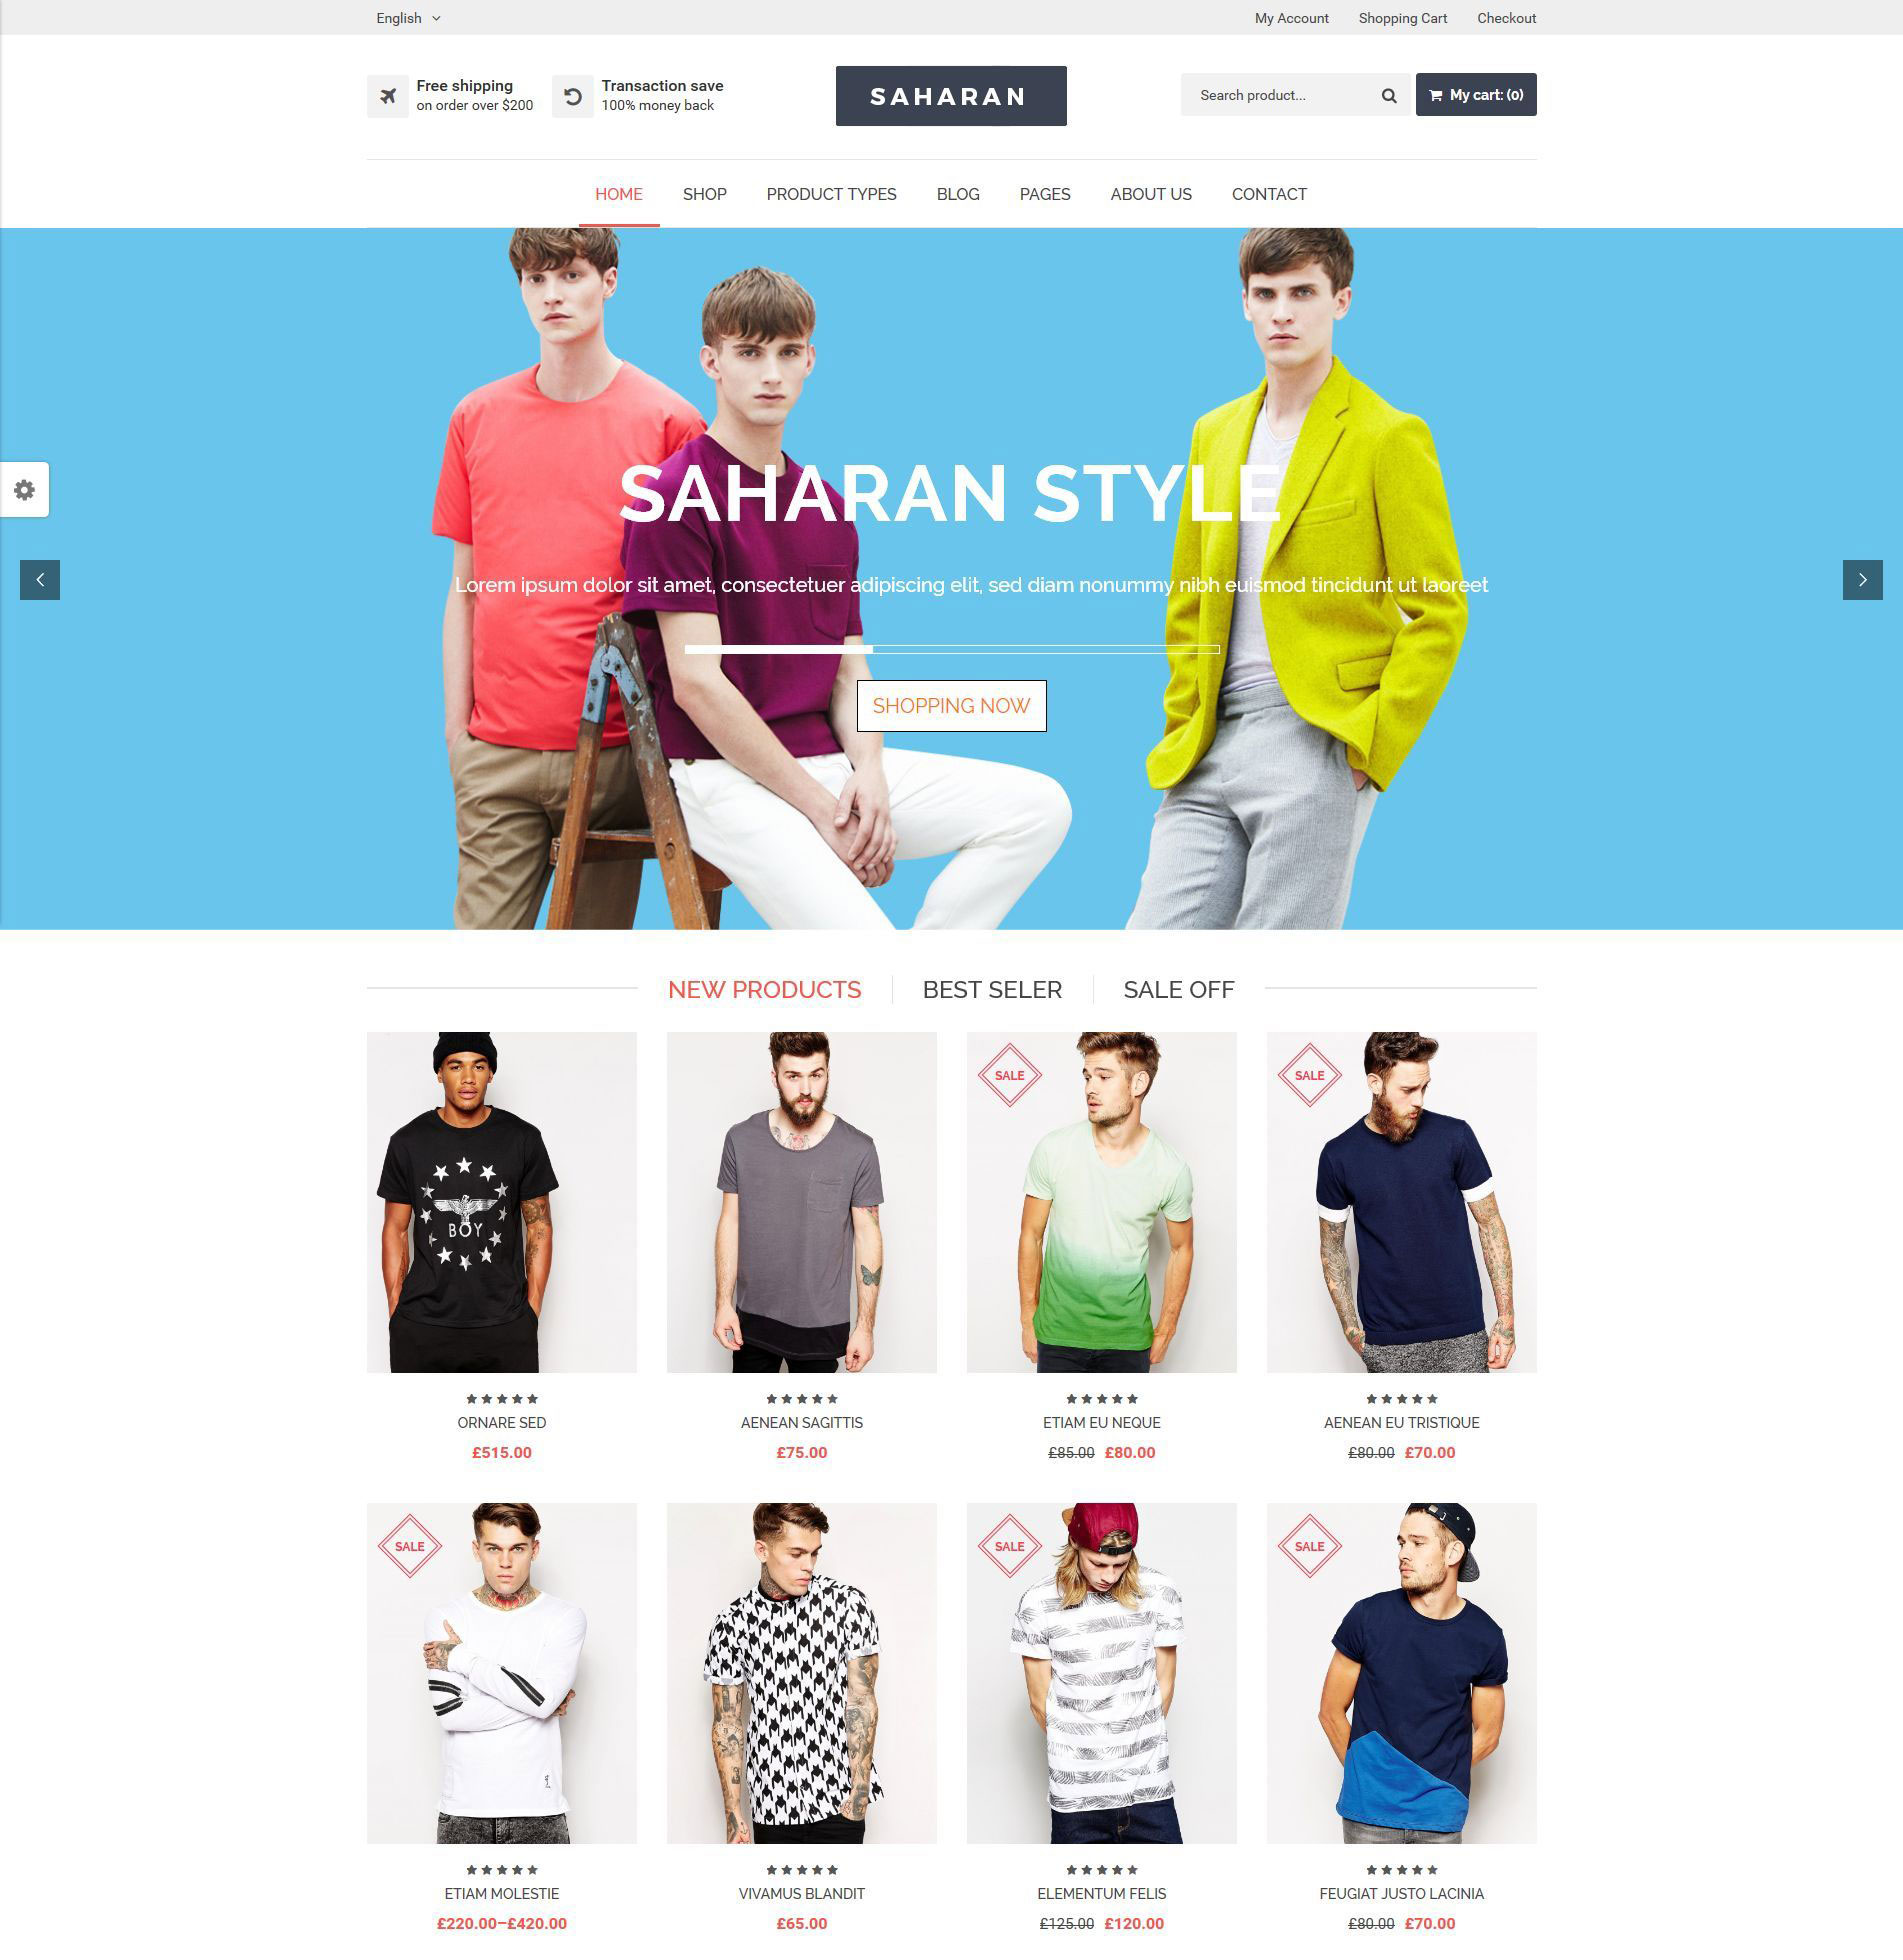 SAHARAN